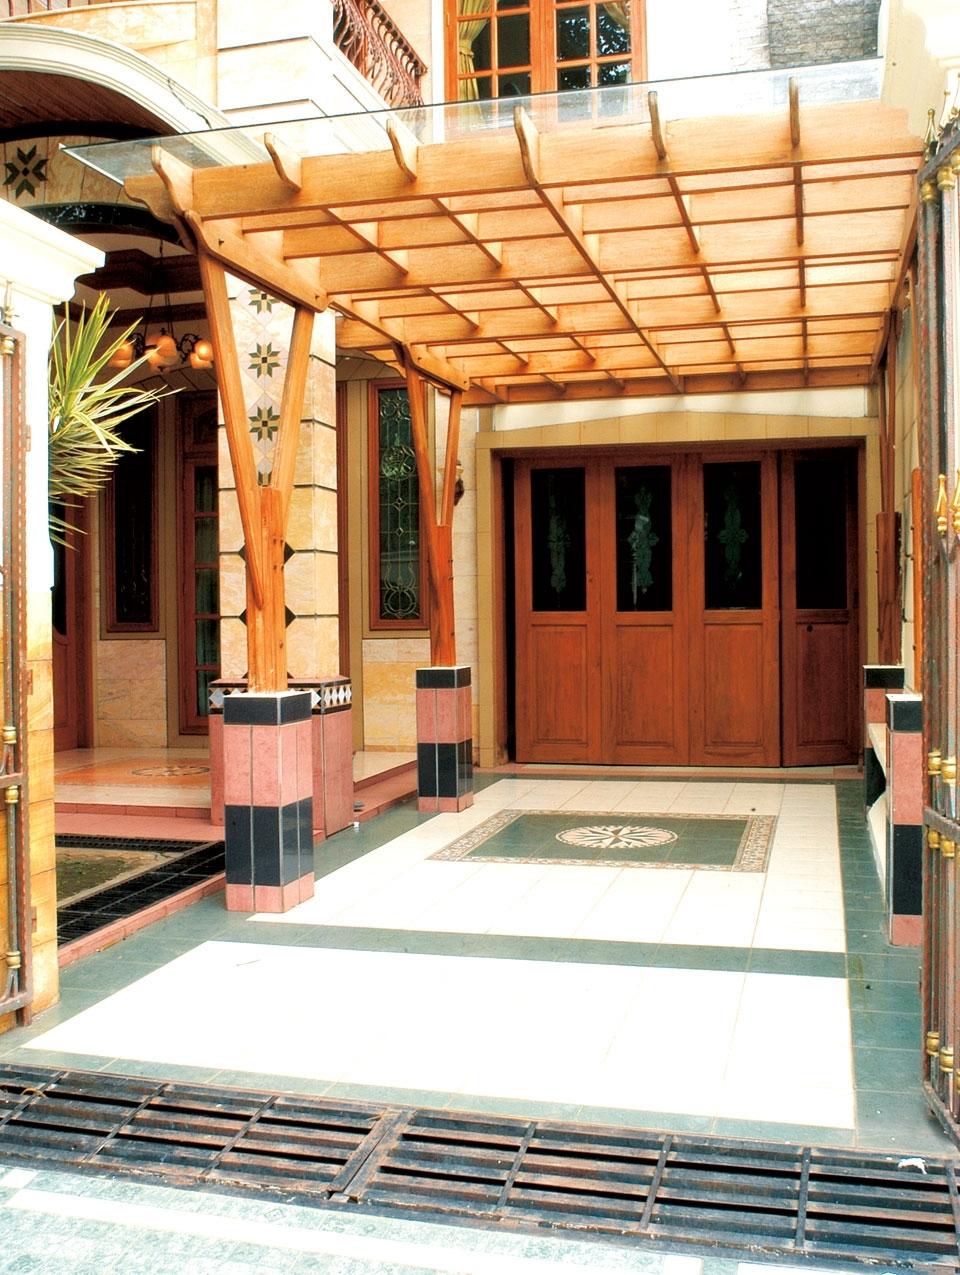 Harga Kanopi Baja Ringan Di Malang Model Minimalis Murah Buat Indah Rumah Anda